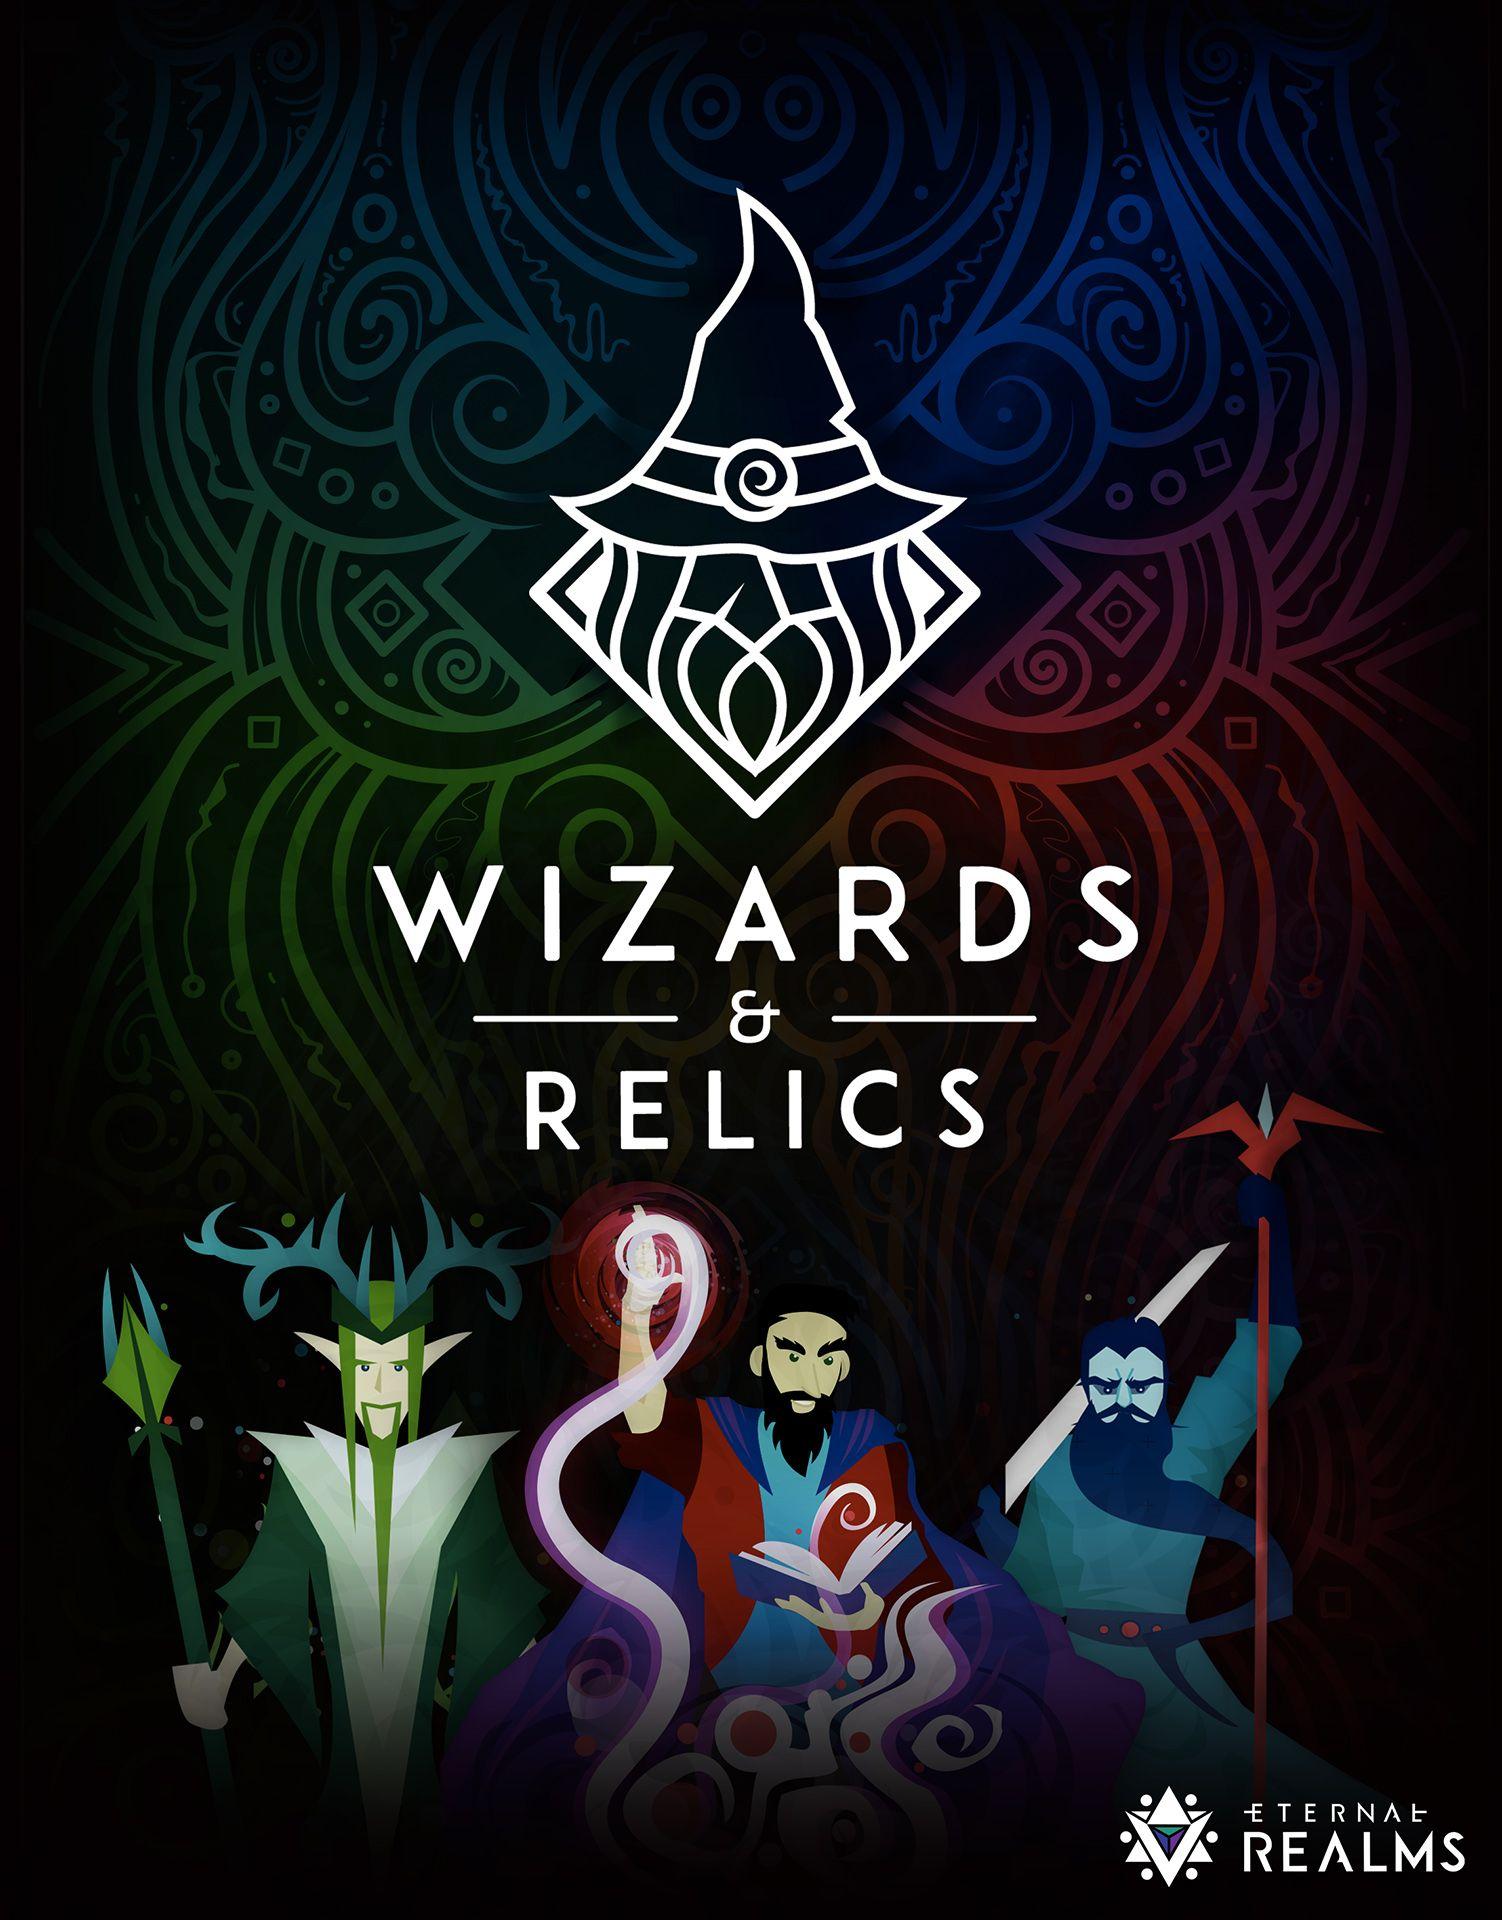 Wizards & Relics